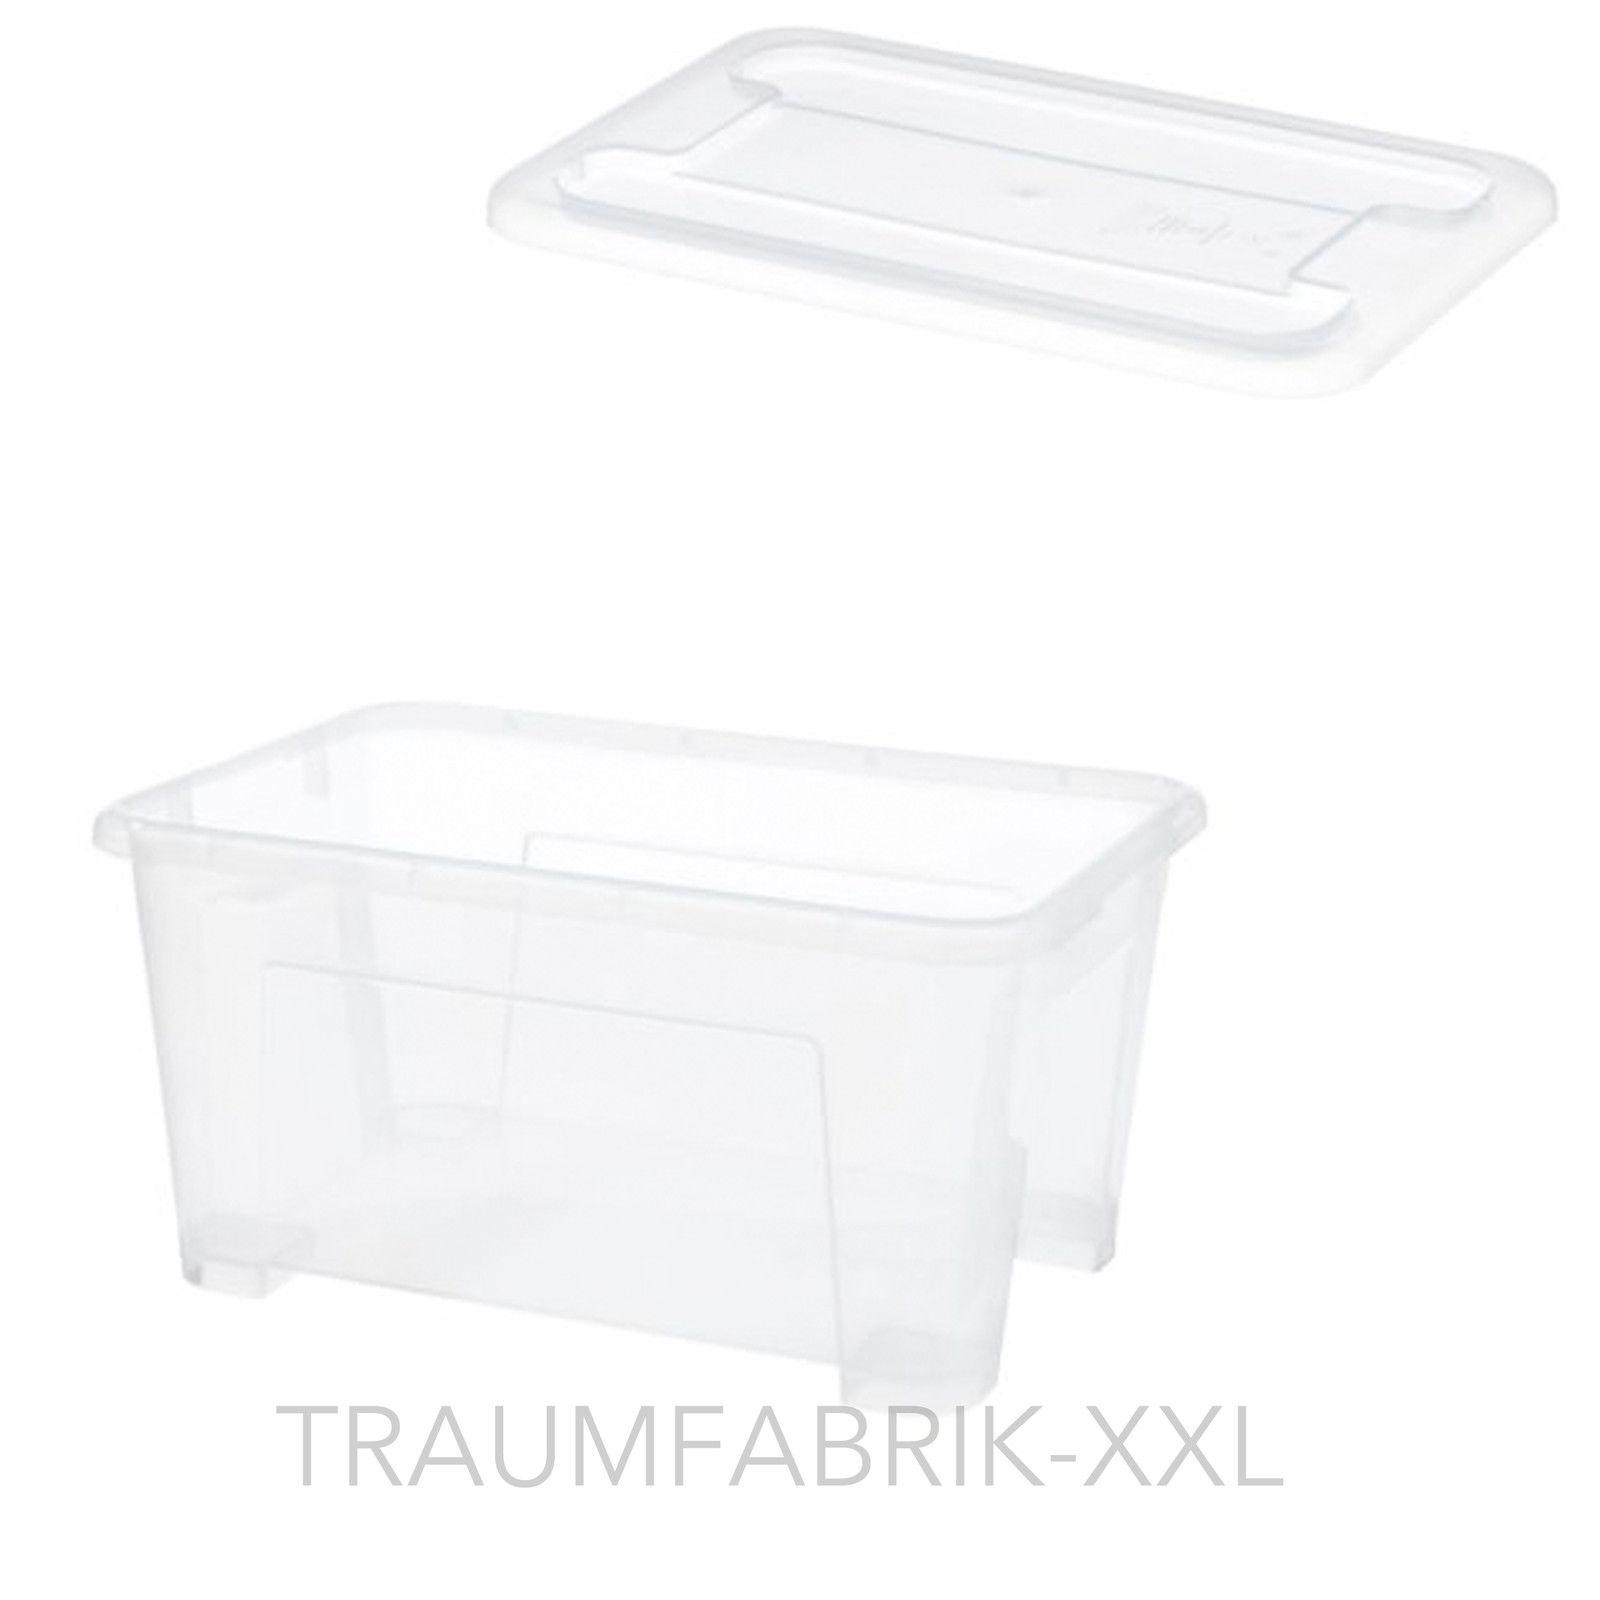 10x IKEA Boxen mit Deckel 5liter Kiste Spielzeugkiste ...